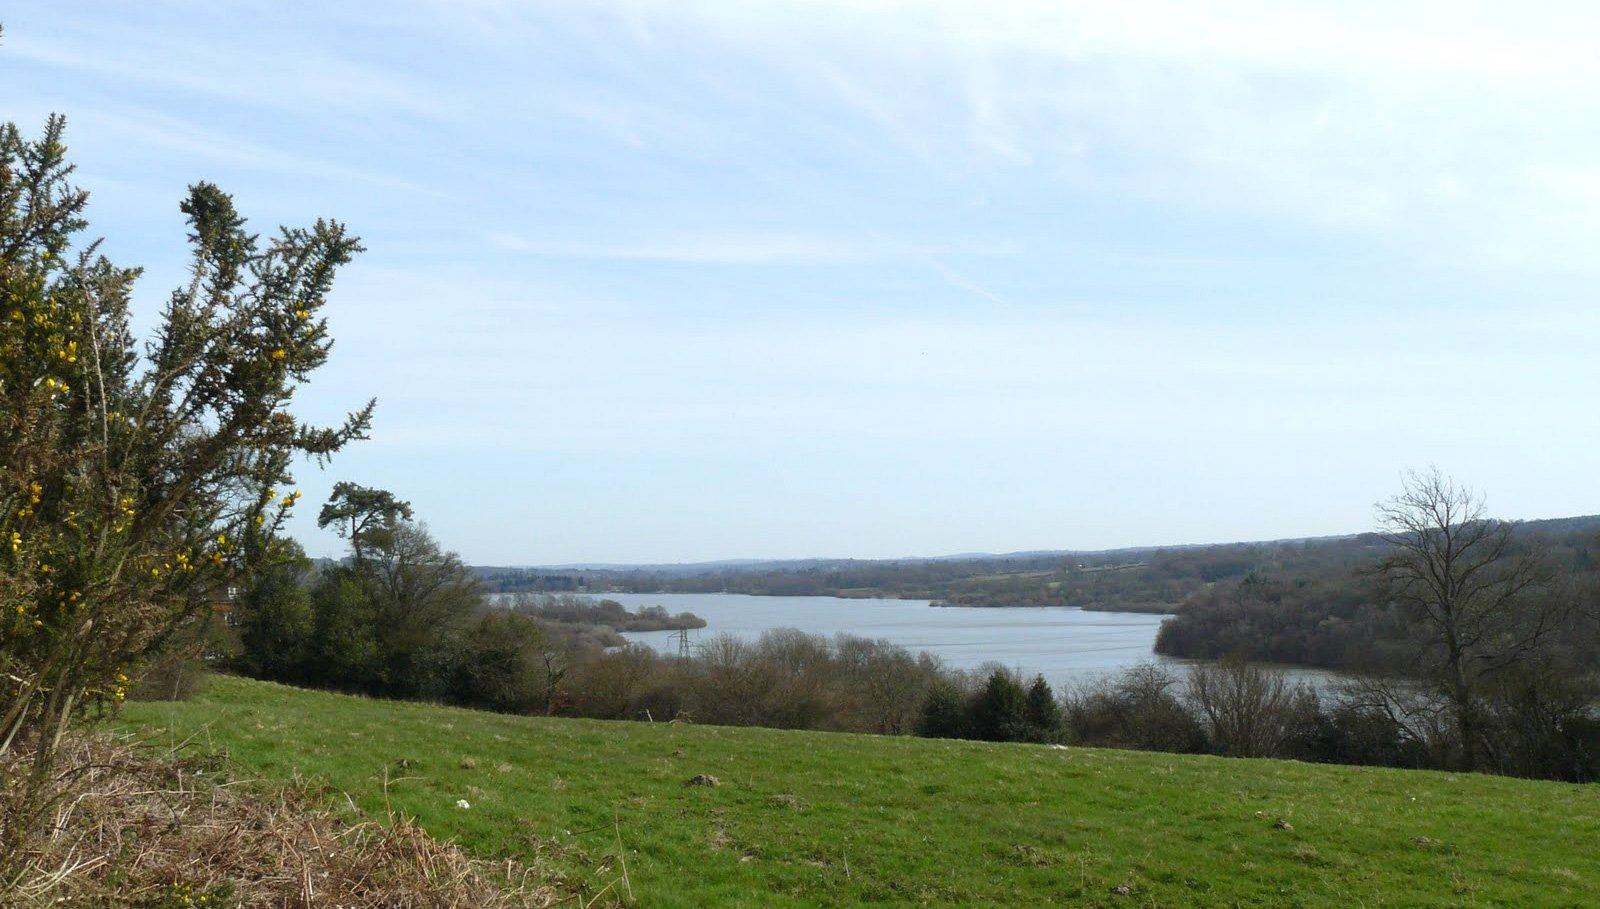 - Weir Wood Reservoir Nature Reserve